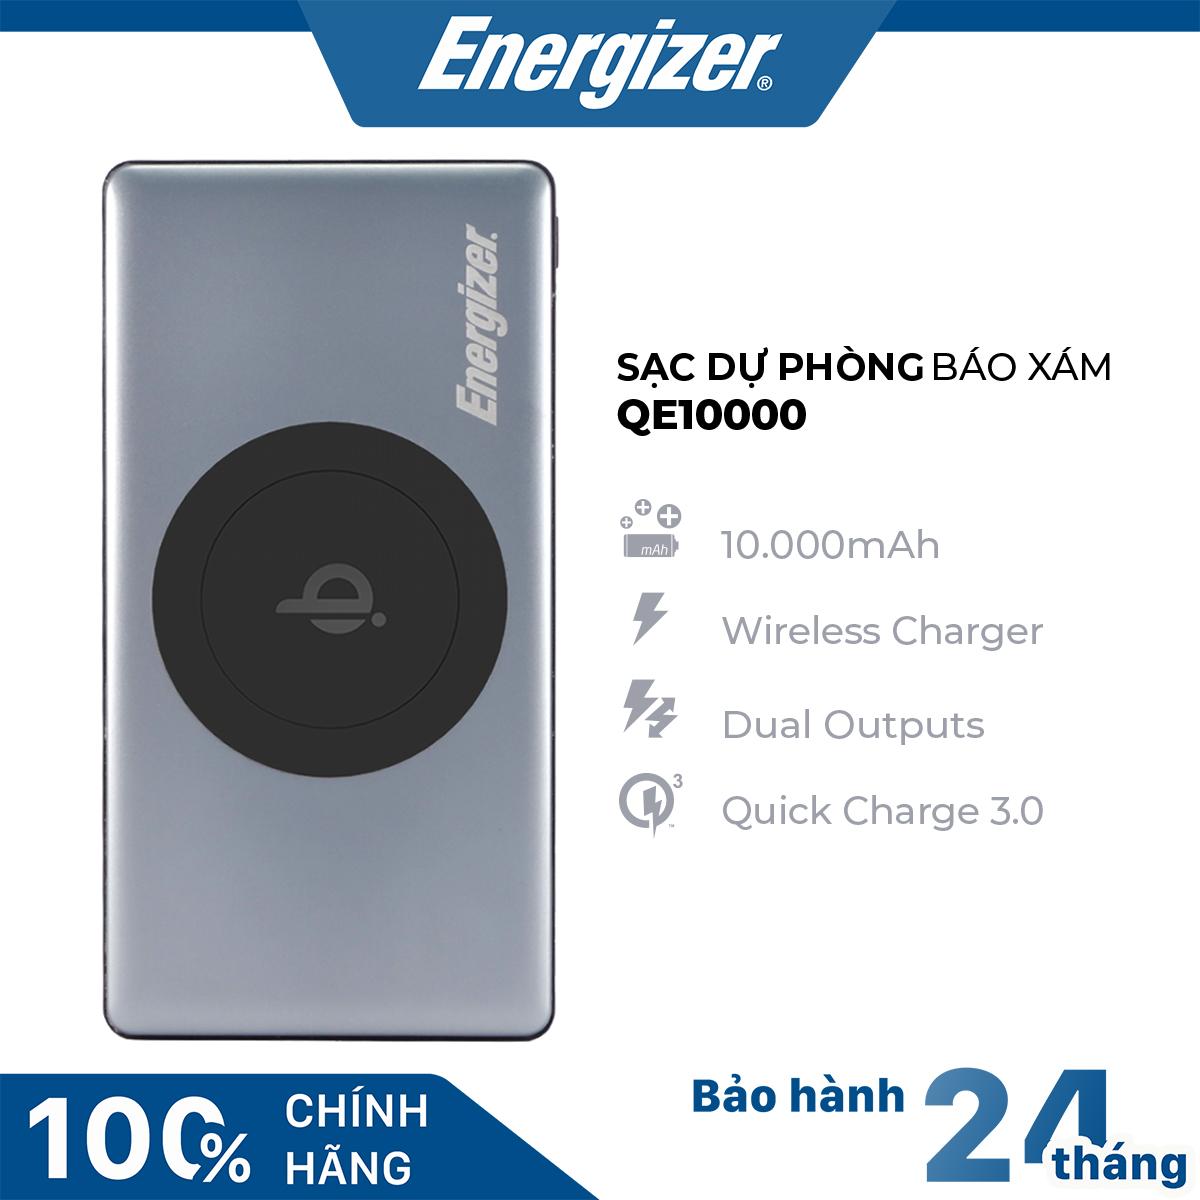 Pin sạc dự phòng Energizer 10,000mAh tích hợp sạc không dây 5W, màu xám - QE10000GY